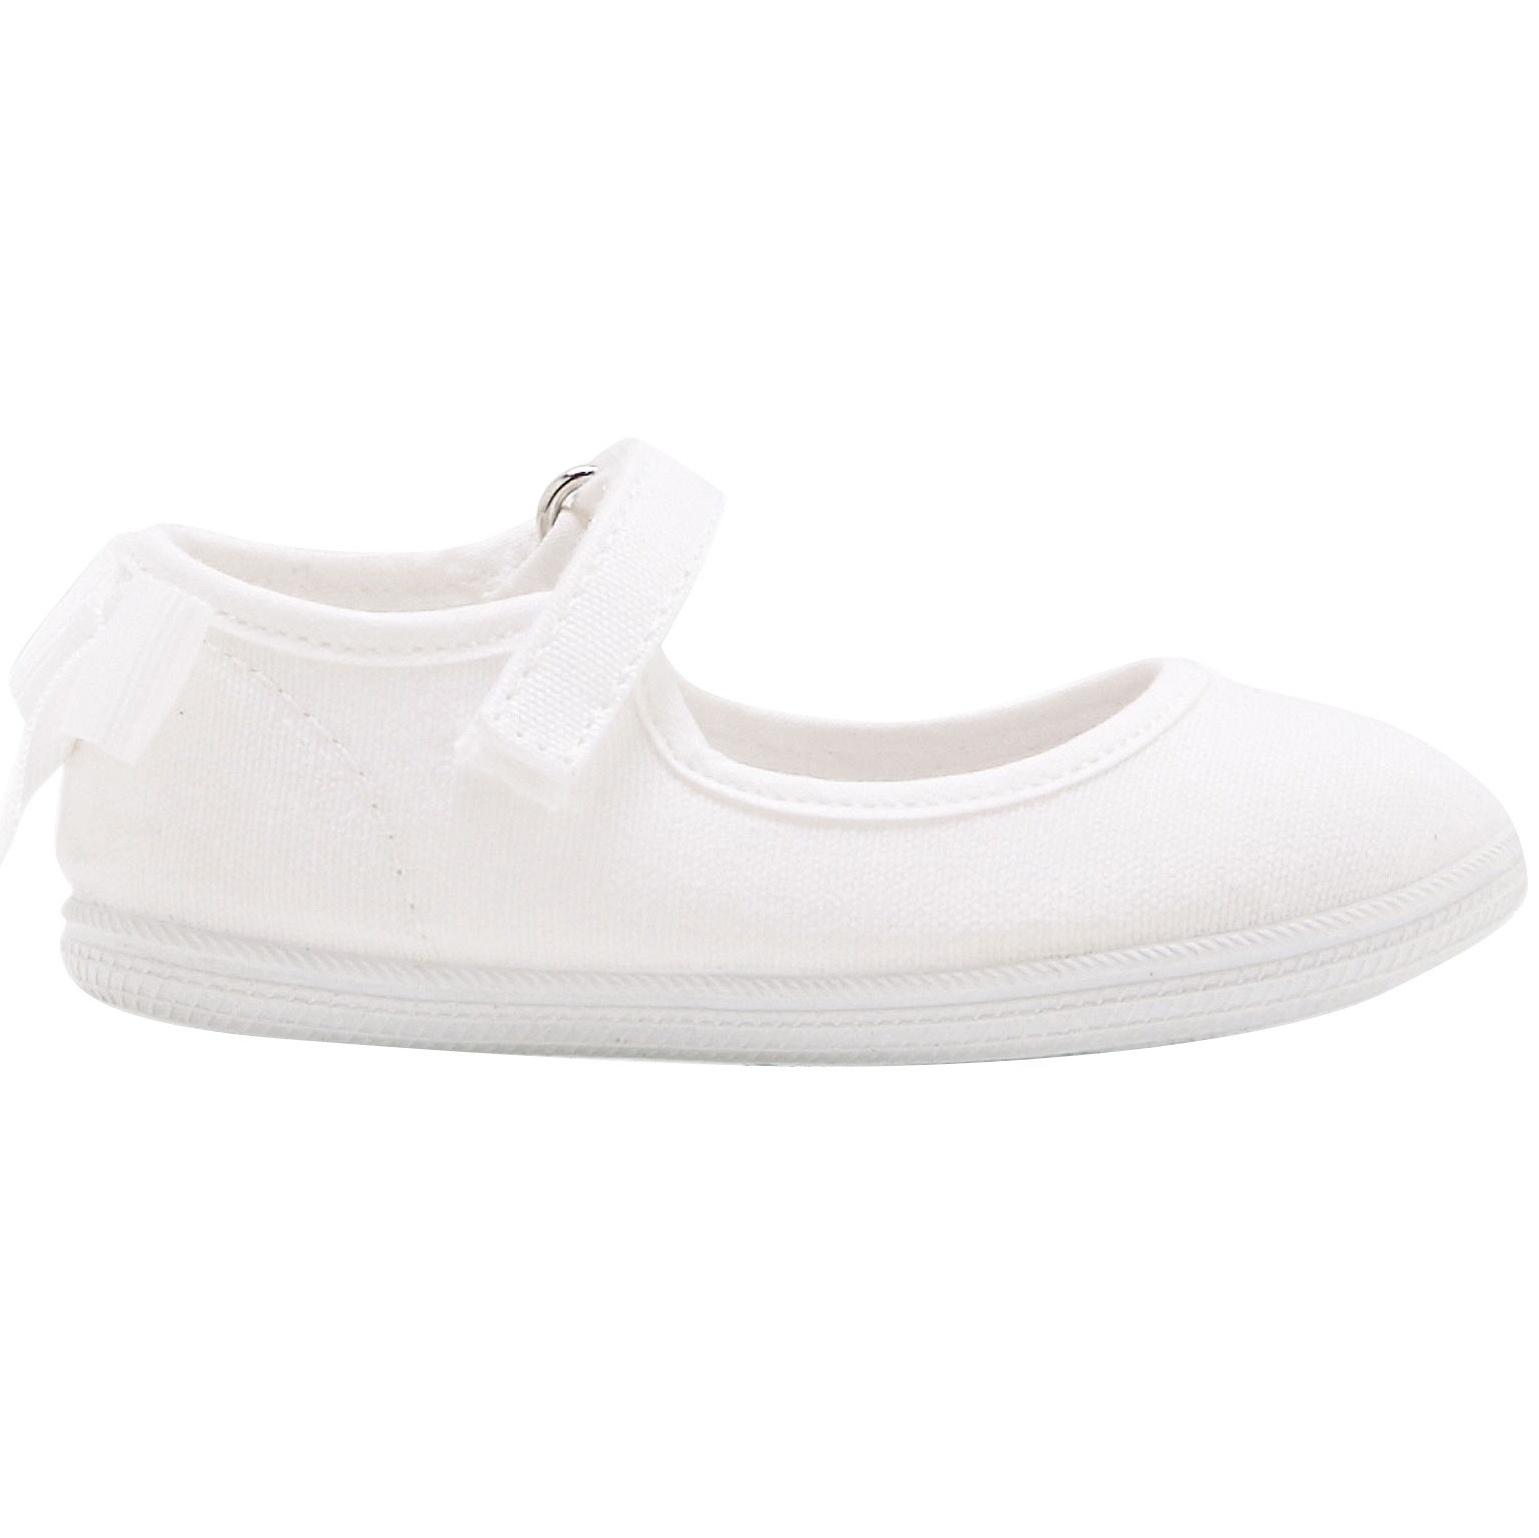 کفش چسبی دخترانه Bora - جاکادی